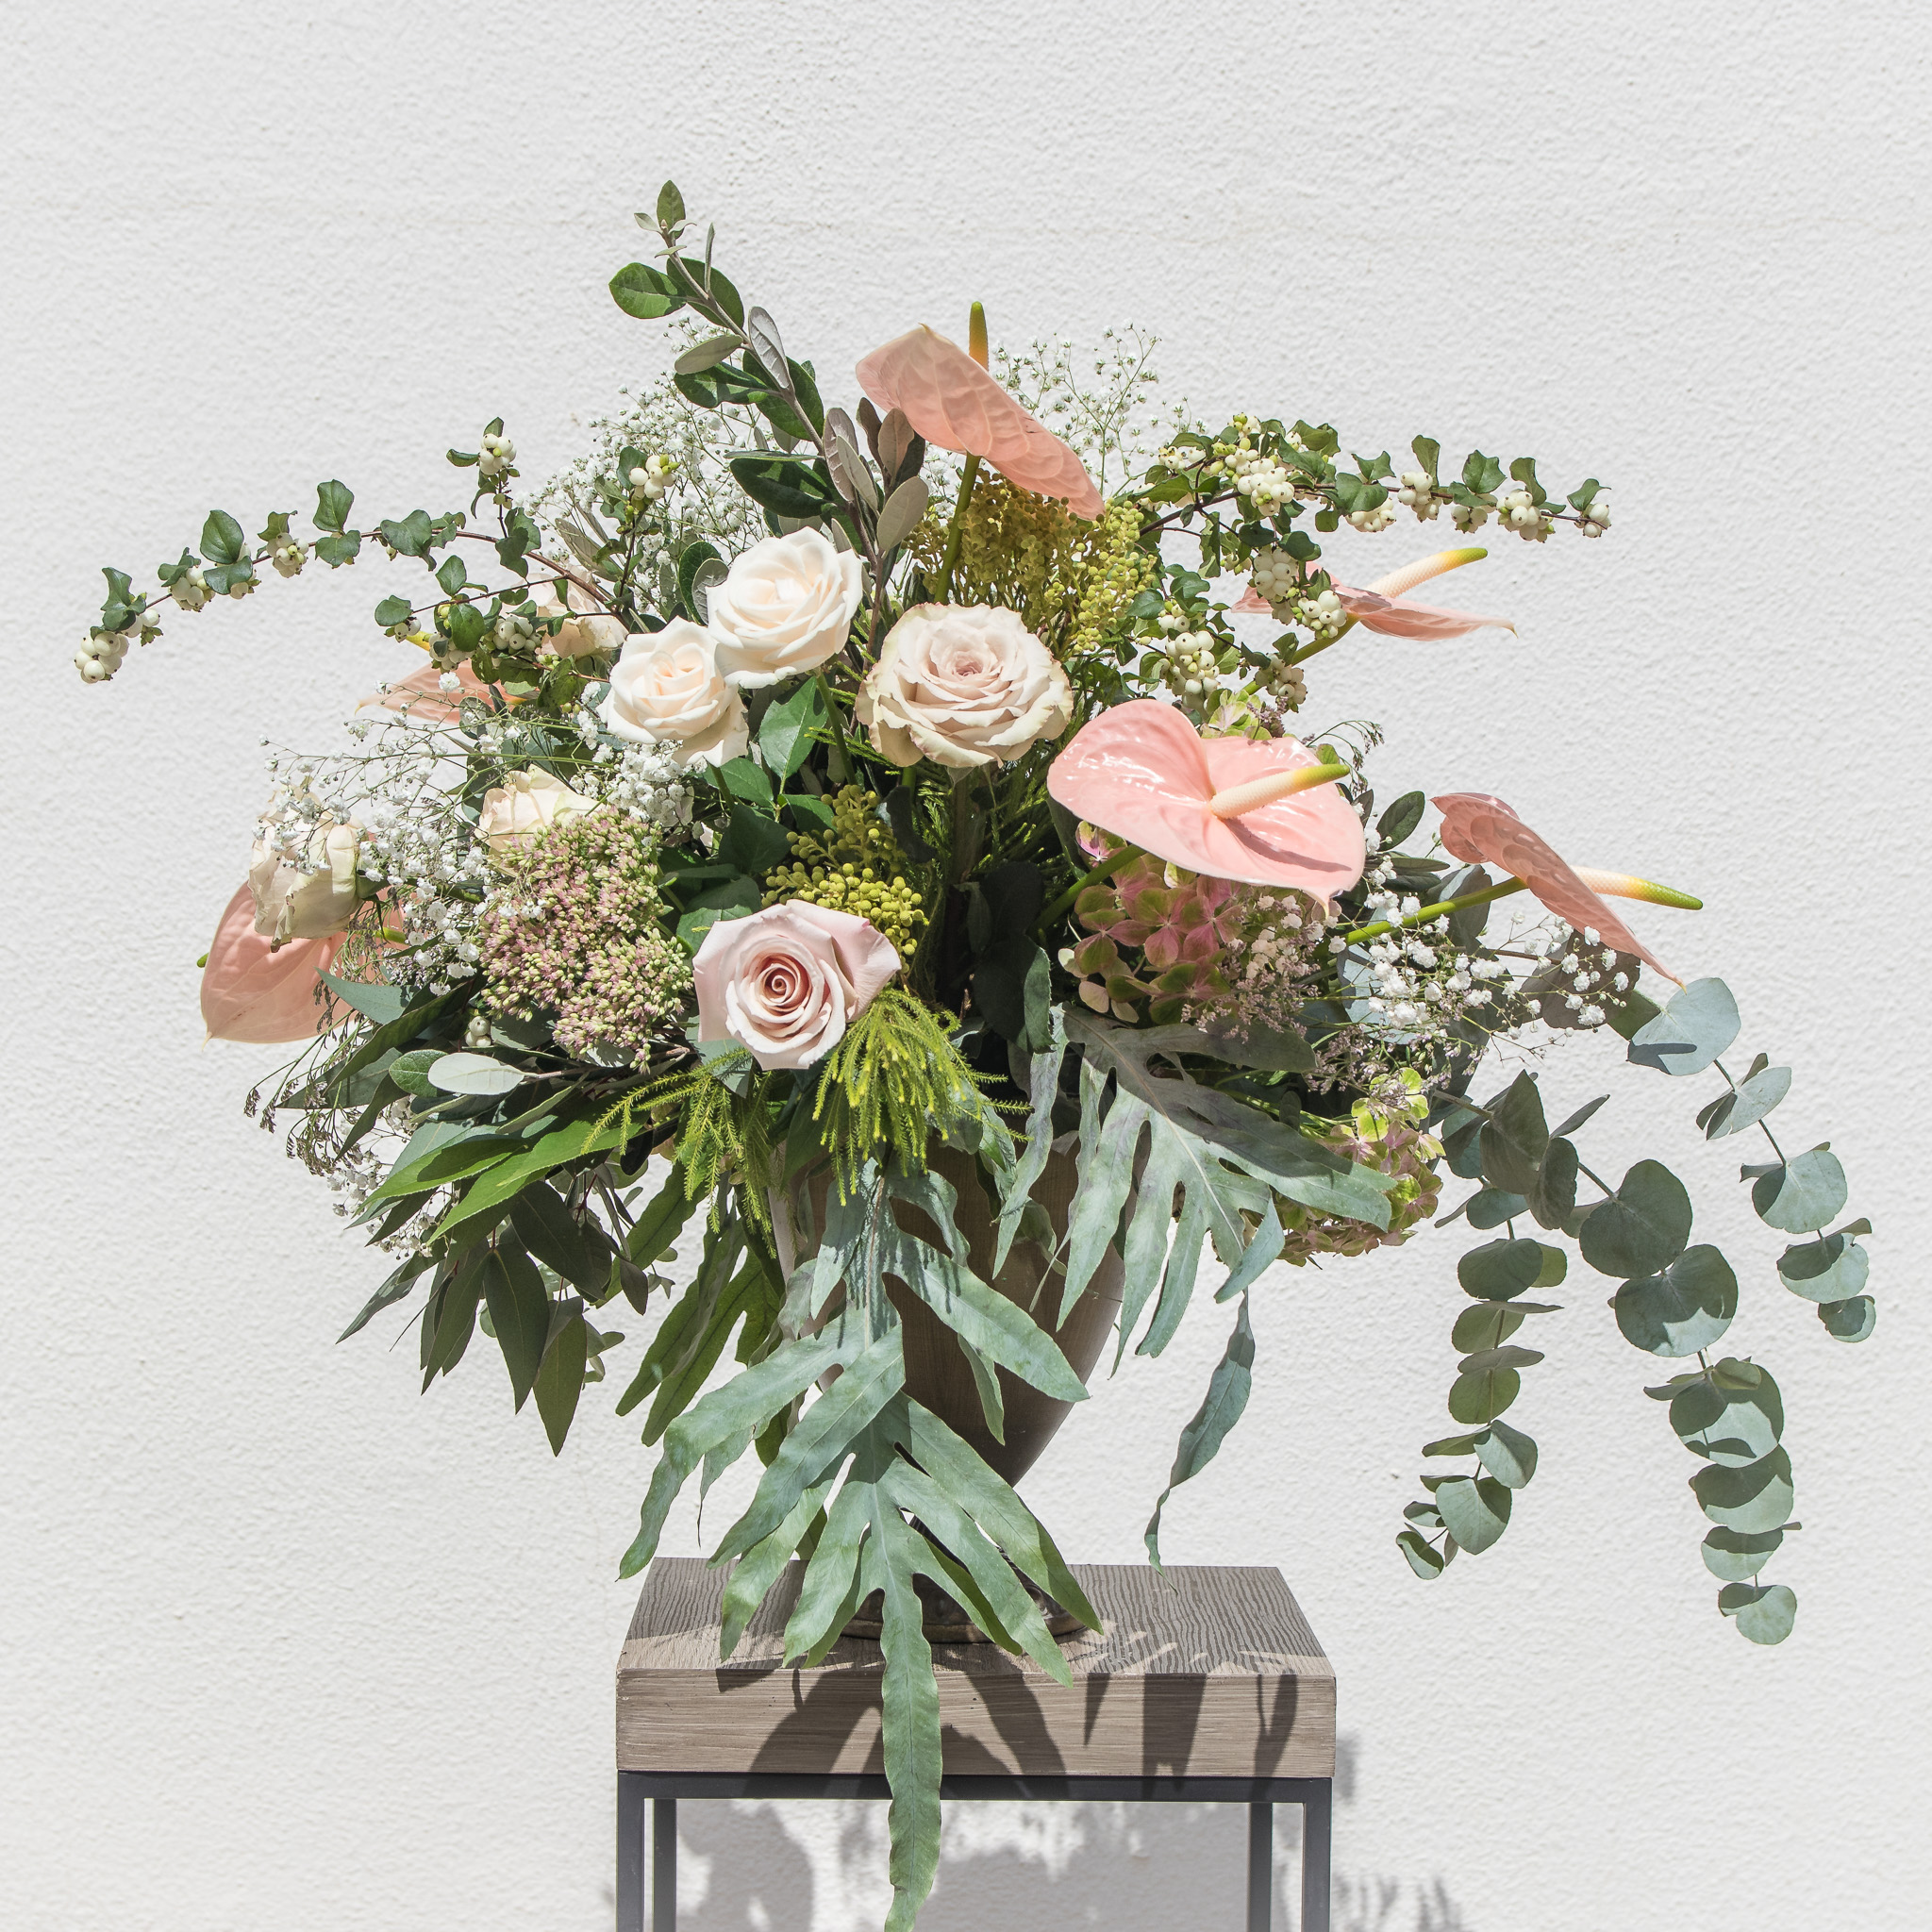 Copa de latón con flor de temporada